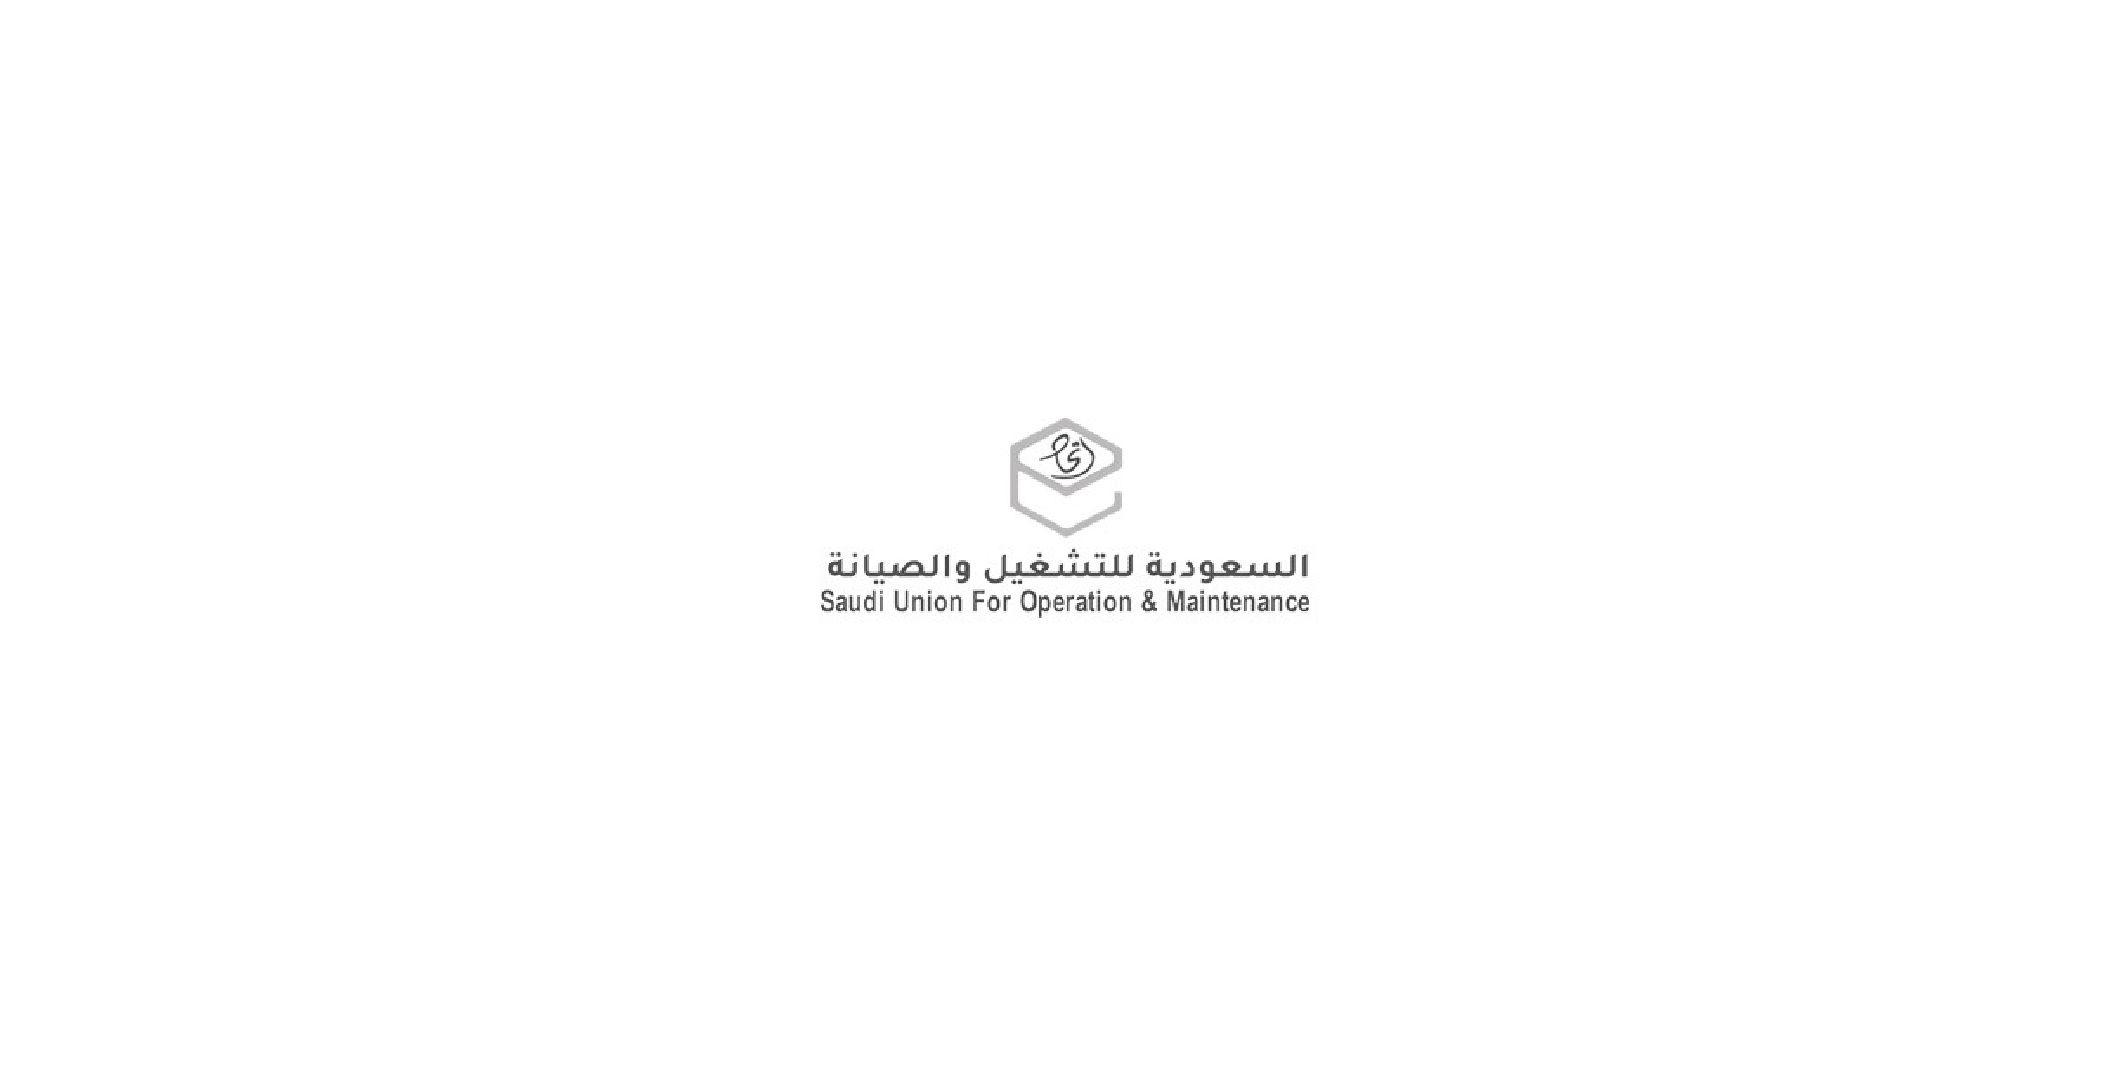 شركة الإتحاد السعودي للتشغيل والصيانة توفر وظائف شاغرة للعمل بمشروع نادي النصر في مدينة الرياض Operation And Maintenance Maintenance